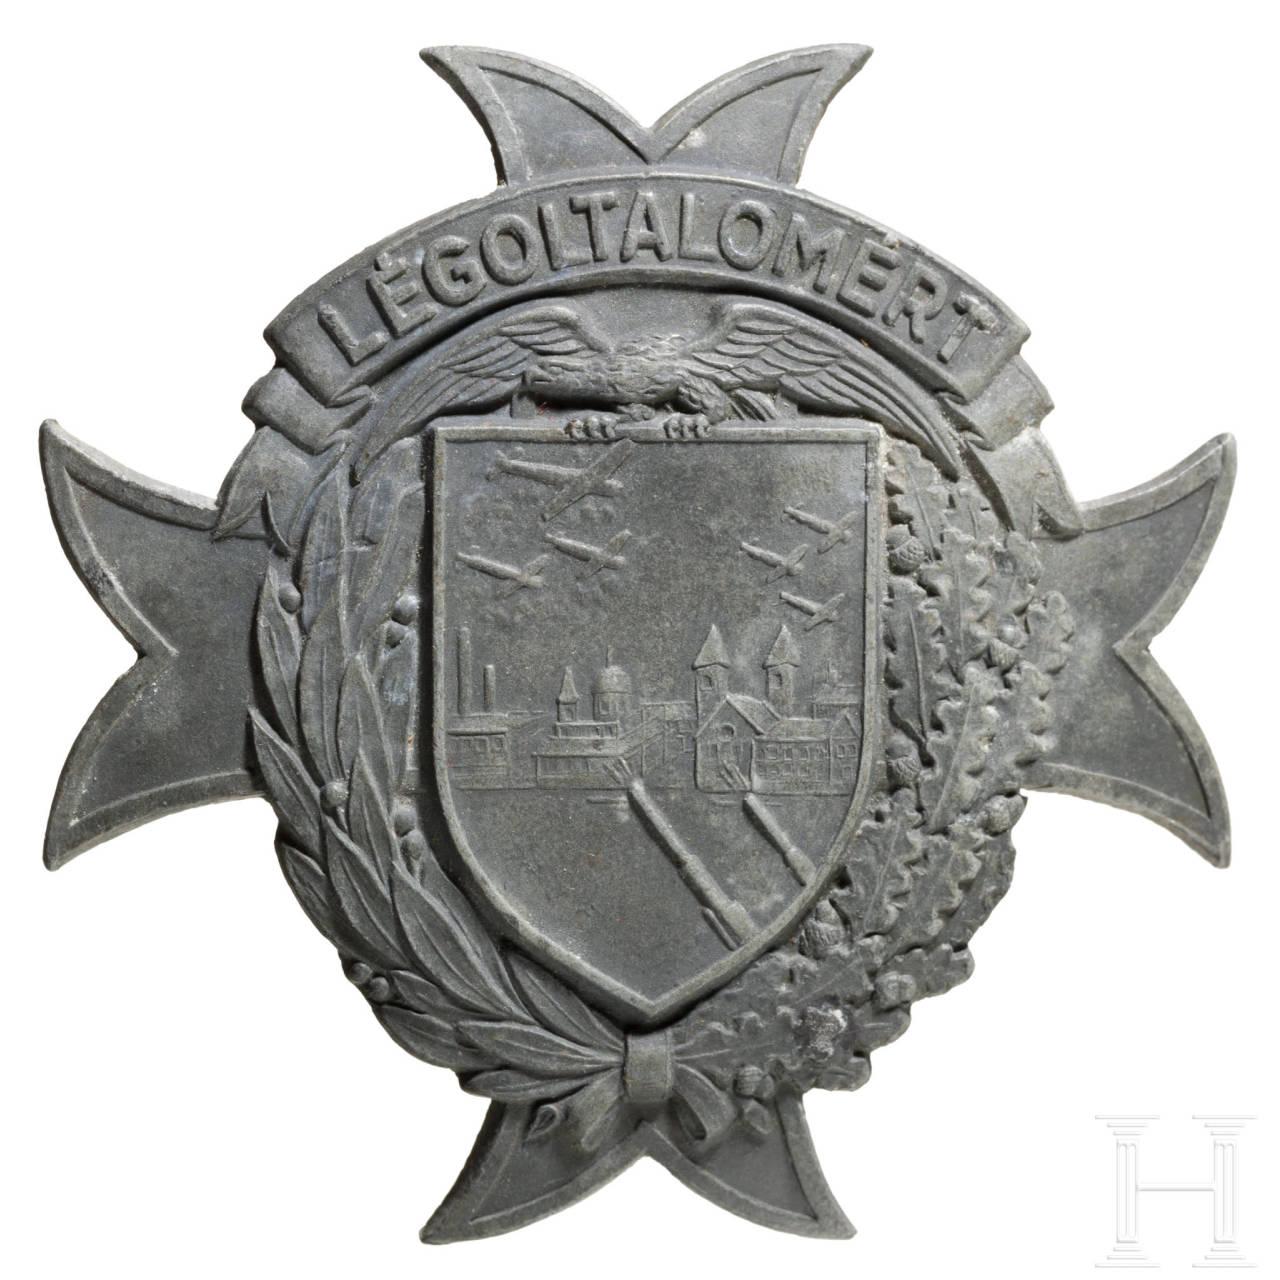 """Flakkampfabzeichen """"Légoltalomért"""", Ungarn, 1940er Jahre bzw. 2. Weltkrieg"""